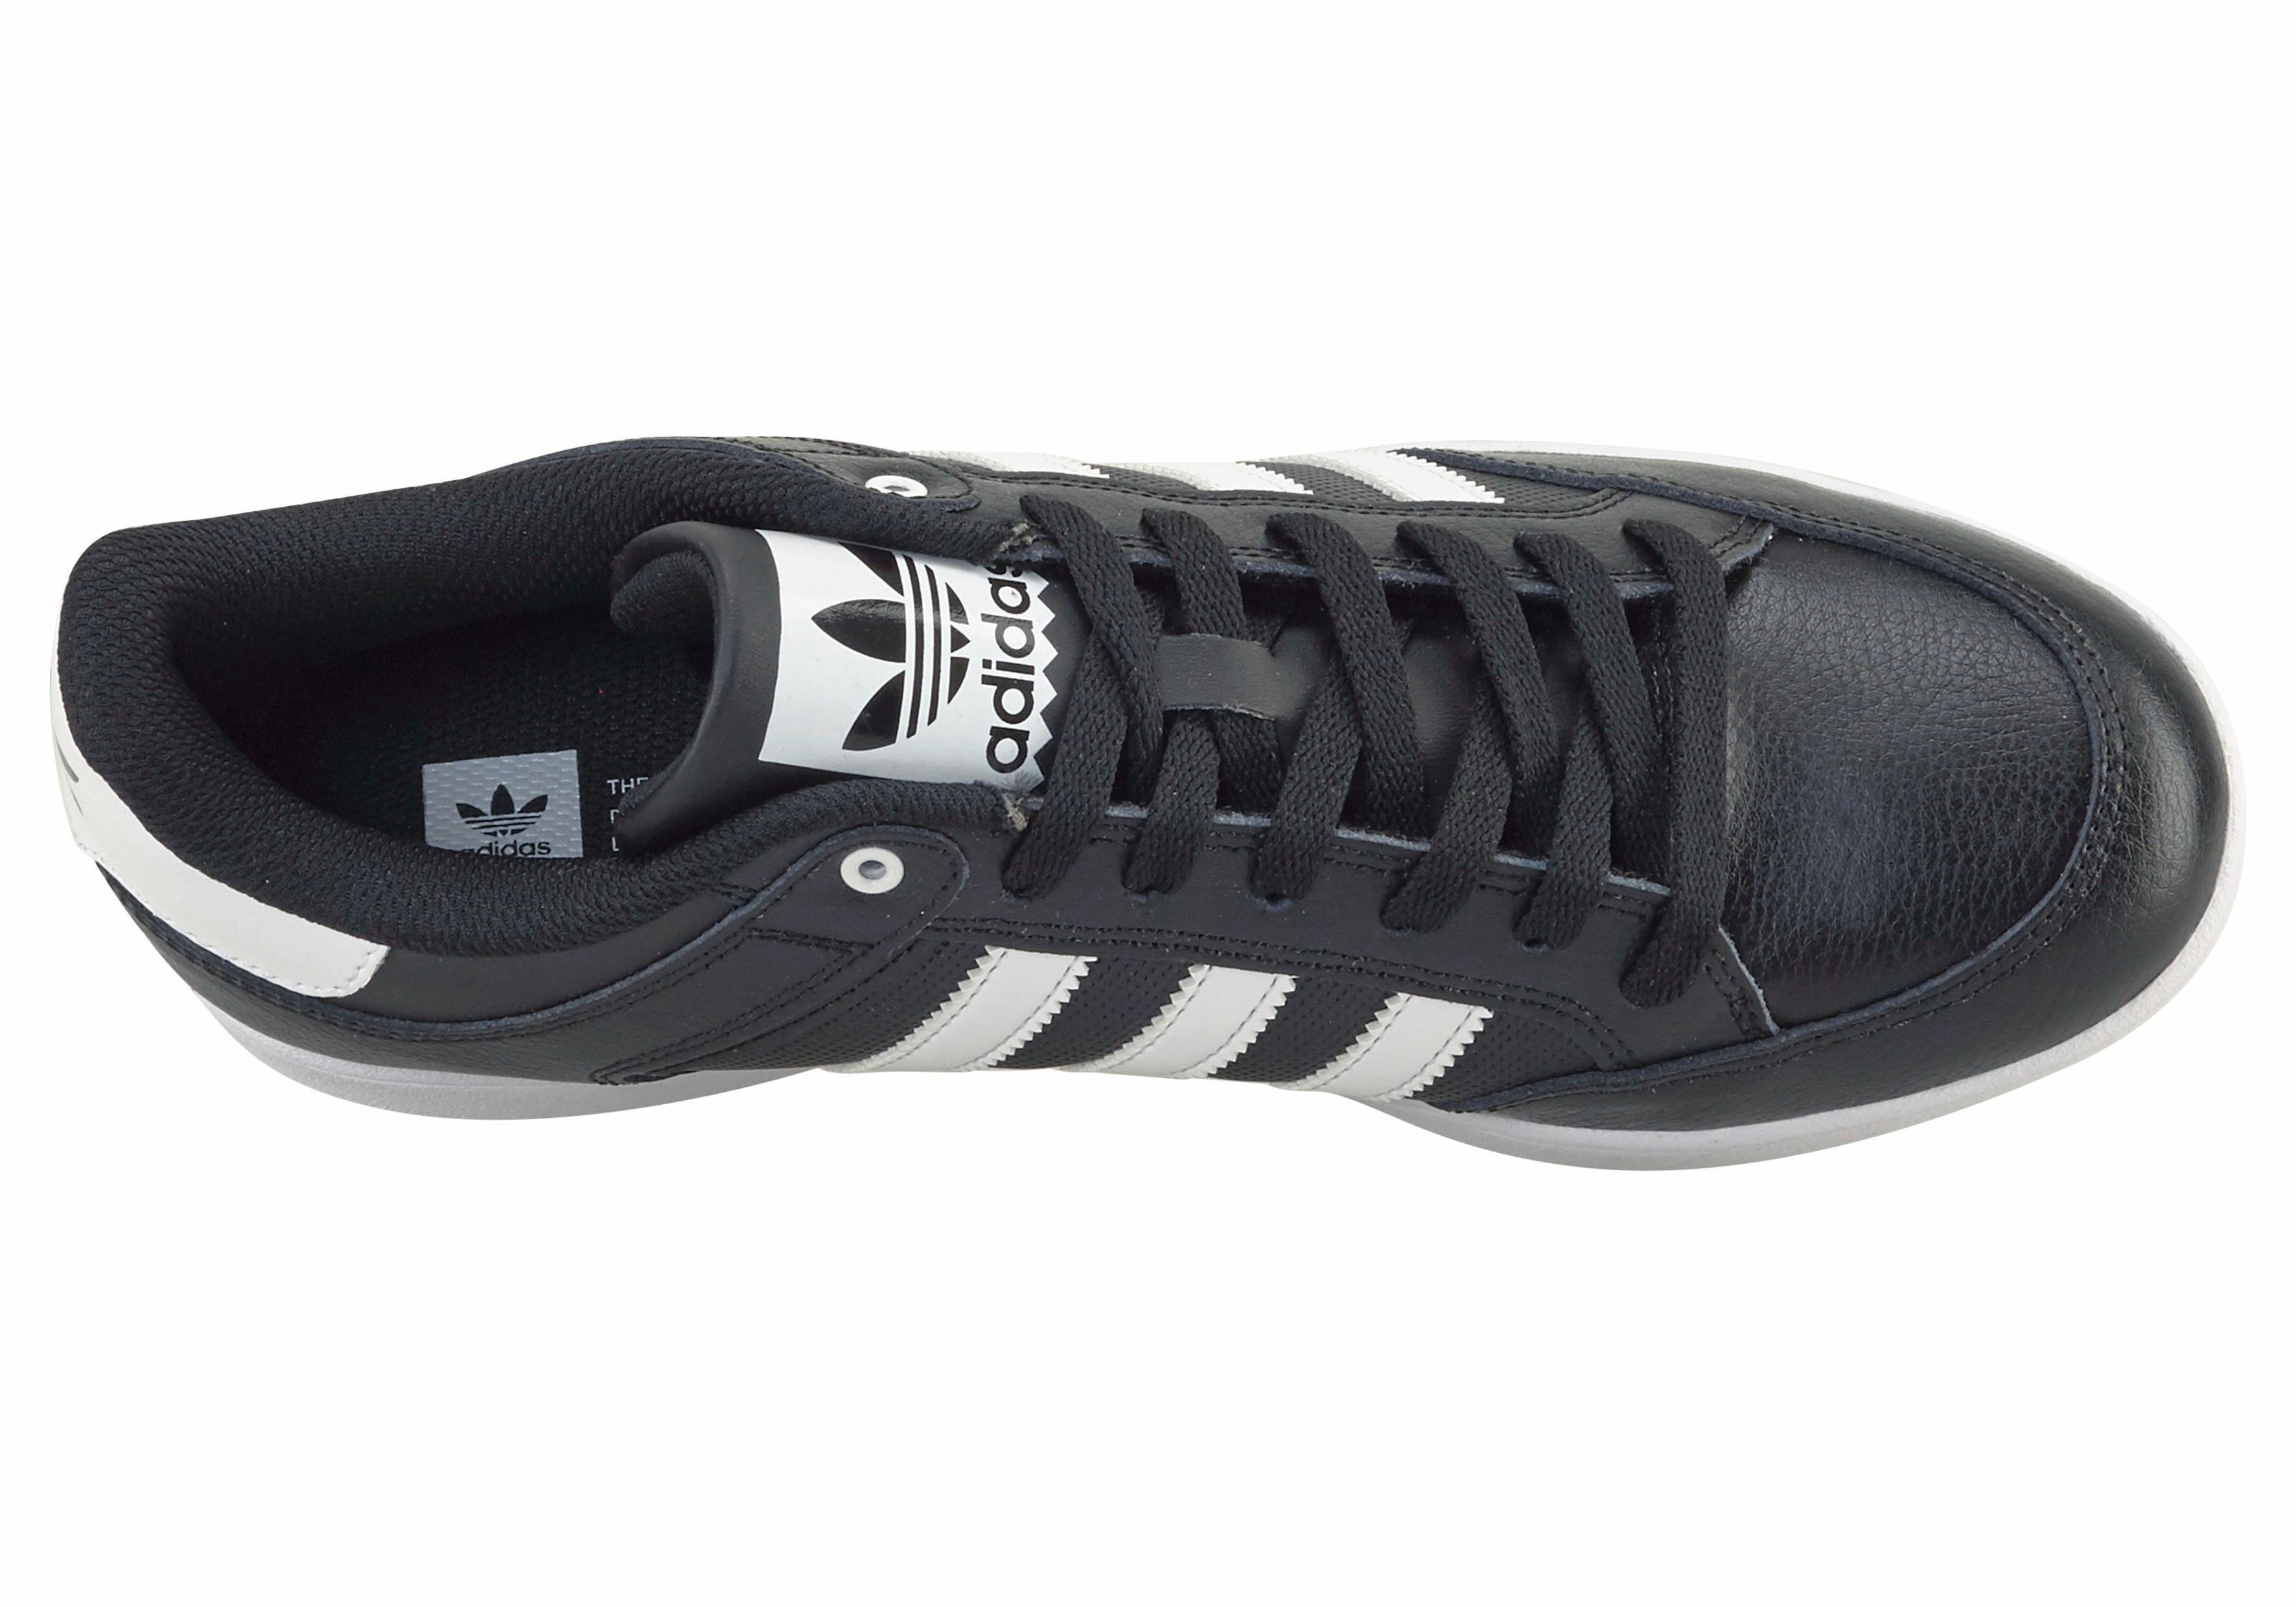 Low Sneaker Adidas nr Varial Artikel Schwarz weiß Kaufen 69880184 Originals qCx7wgE